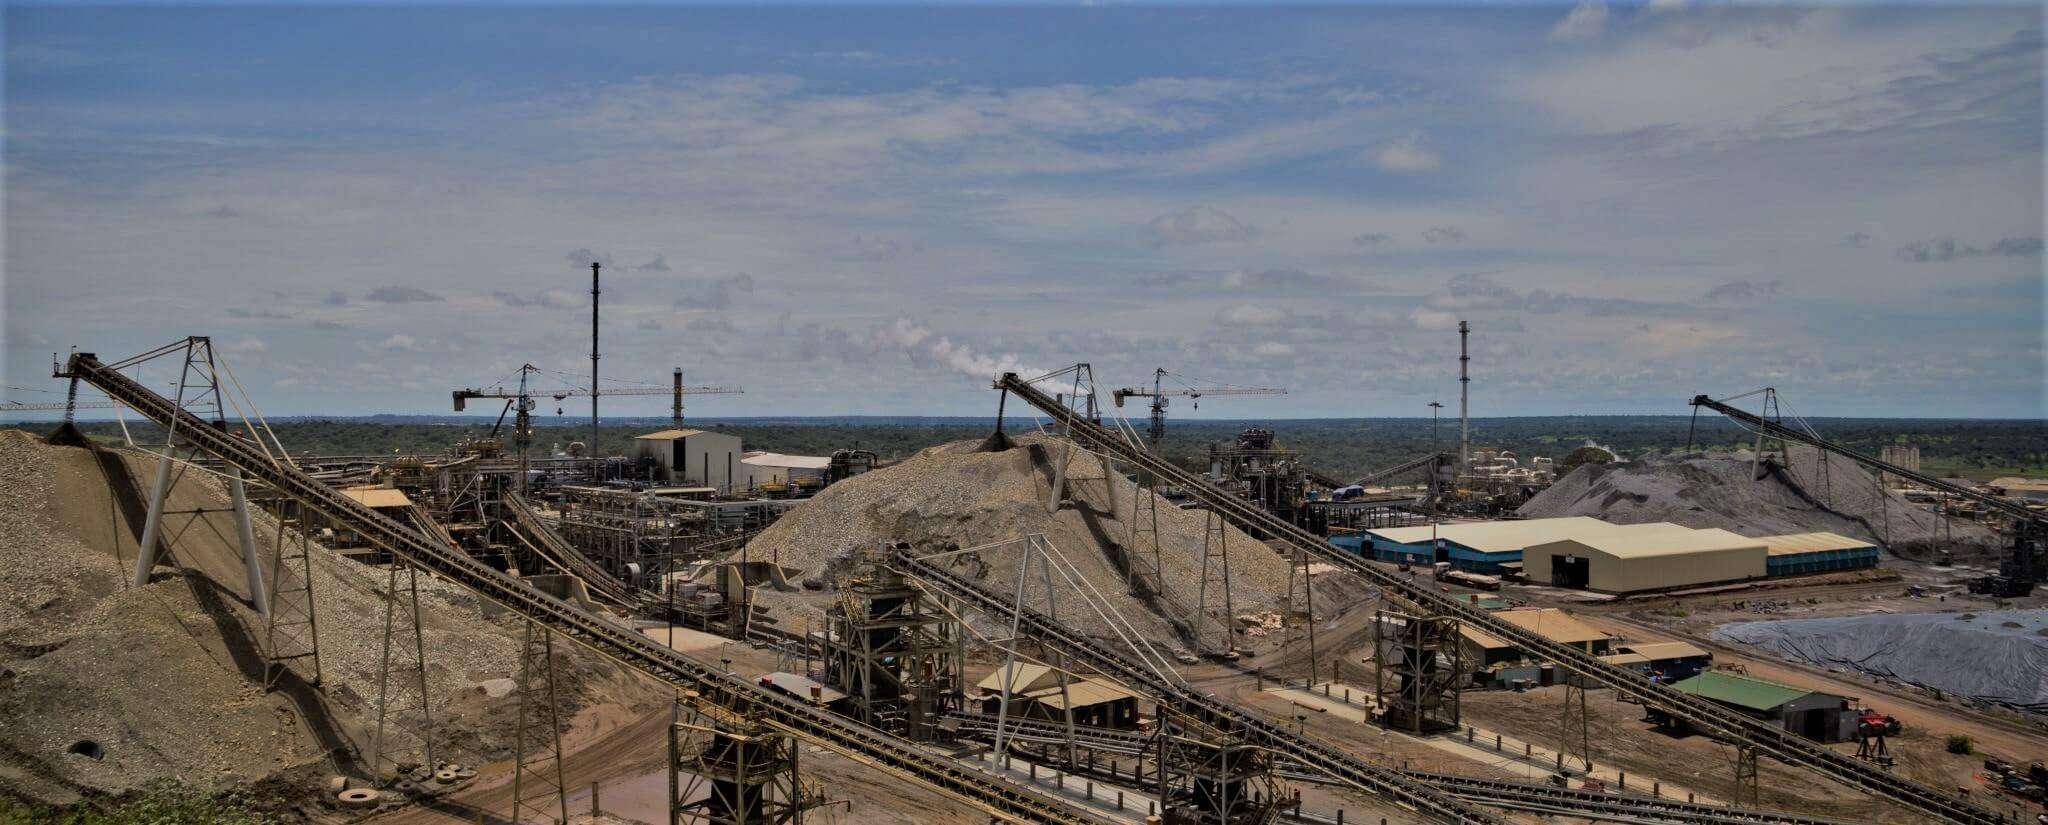 TSTOCKPILE MANAGEMENT | Mining Operation